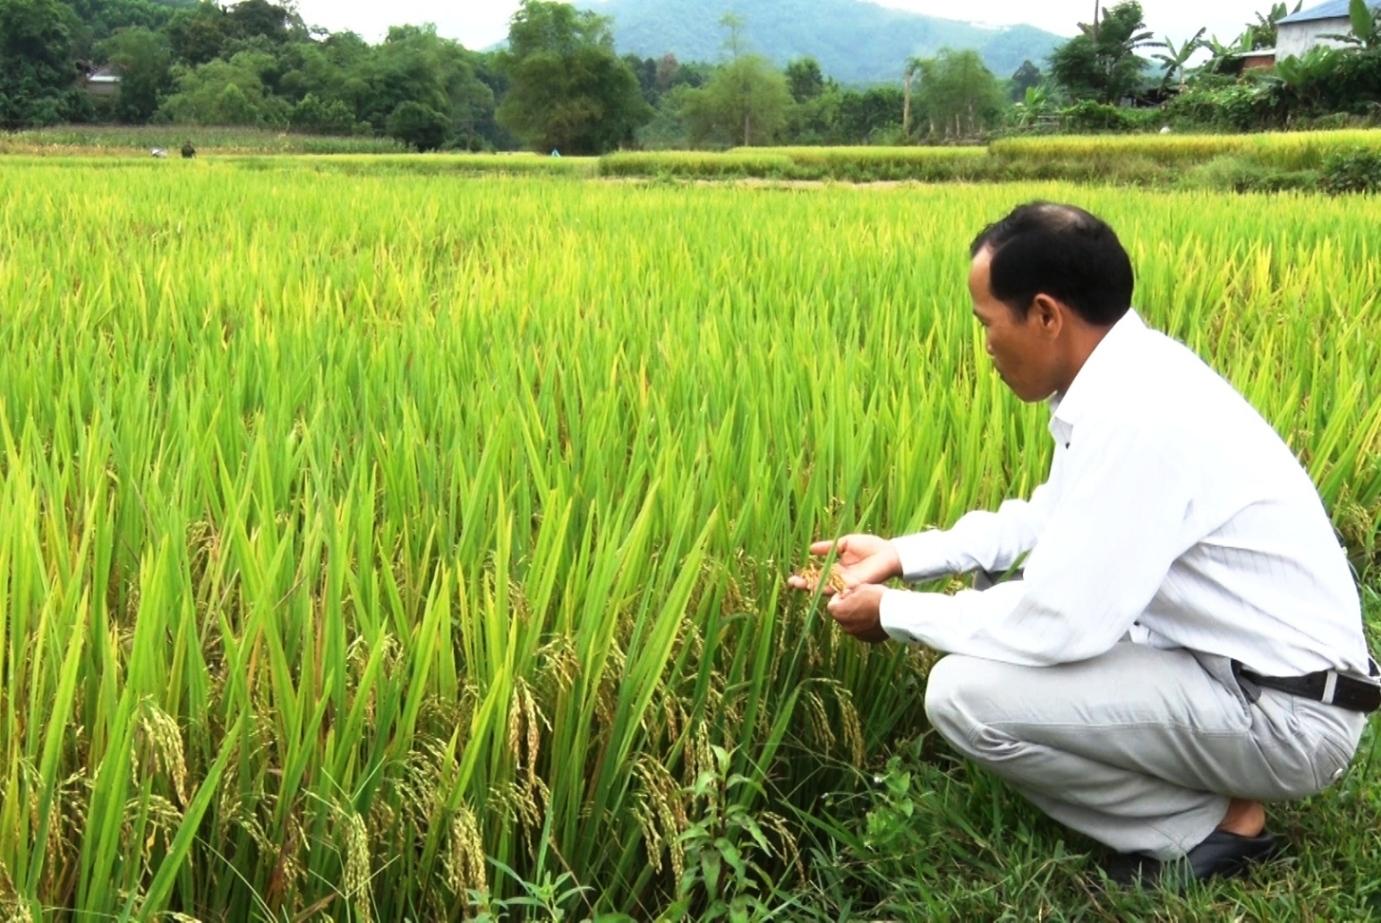 Người dân phấn khởi vì năng suất lúa cao khi được áp dụng mô hình SRI. Ảnh: THÔNG VINH